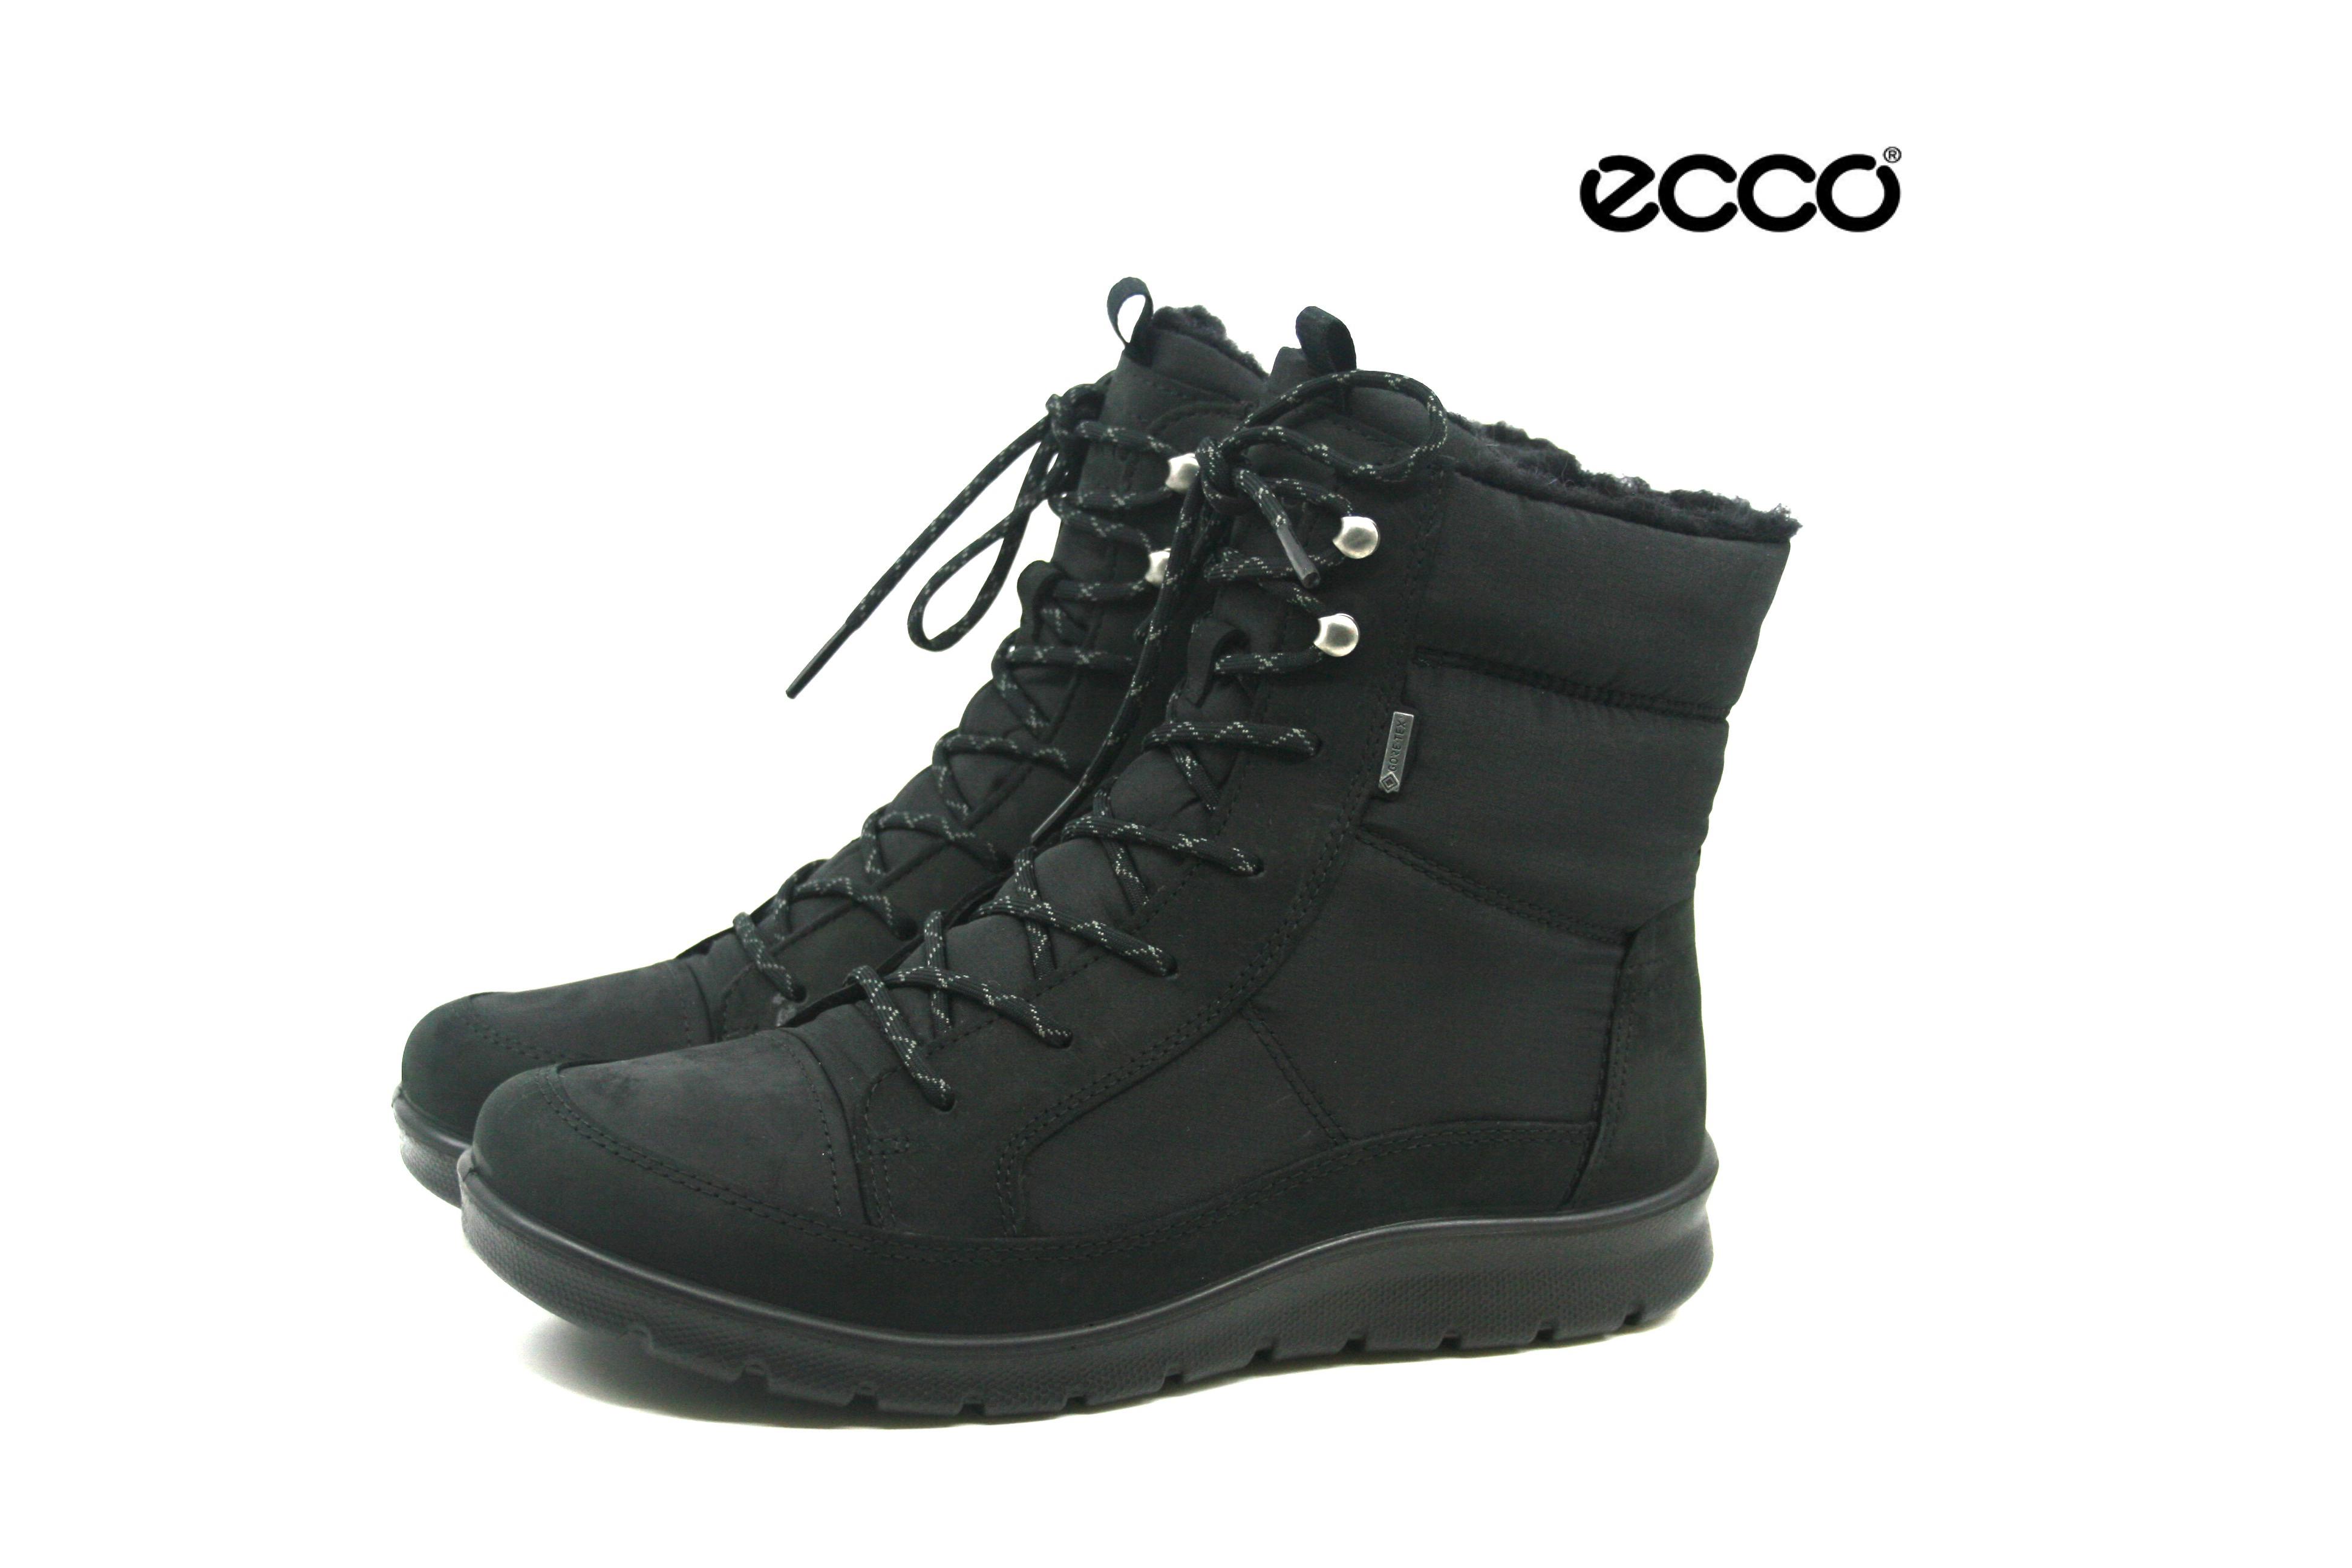 0a49234192f Damkjaer Sko Online Shop - Varm Ecco støvle til dame